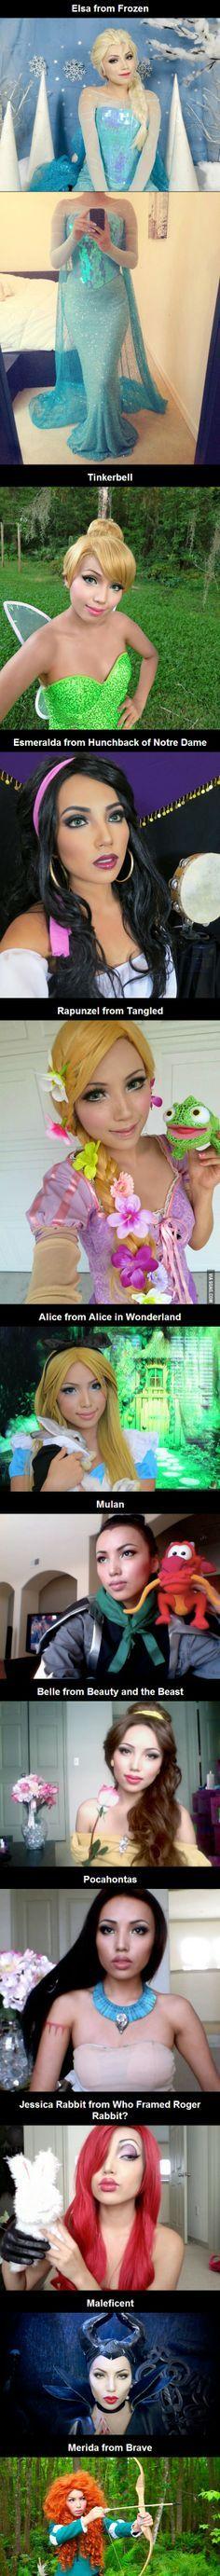 Girl dresses up as Disney Princesses